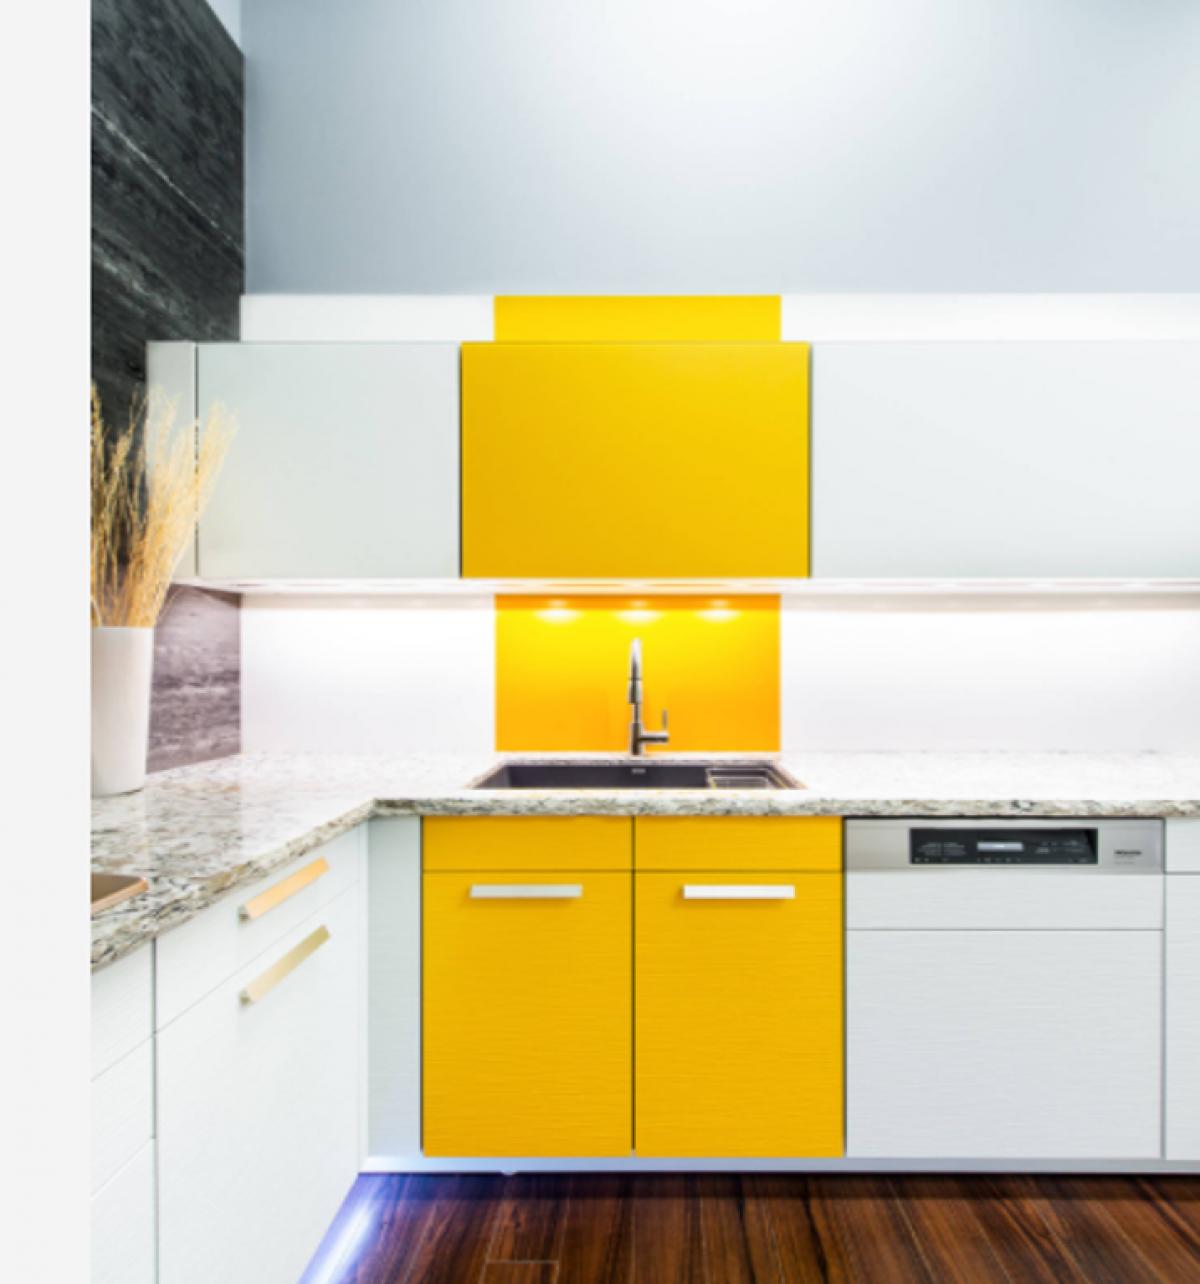 Hiển nhiên, gam màu trắng có ưu thế vượt trội cho không gian của một căn bếp. Không chỉ làm cho căn bếp có cảm giác sạch sẽ, rộng rãi hơn, căn bếp màu trắng cũng dễ dàng kết hợp với những đồ đạc, phụ kiện sẵn có trên thị trường. Tuy nhiên, những kiến trúc sư tài ba vẫn có thể giúp những người yêu màu sắc có thể thỏa mãn với những căn bếp tiện dụng, sạch sẽ mà vẫn thể hiện được cá tính của gia chủ, có thể chỉ đơn giản bằng cách thêm vào một mảng màu tinh nghịch.